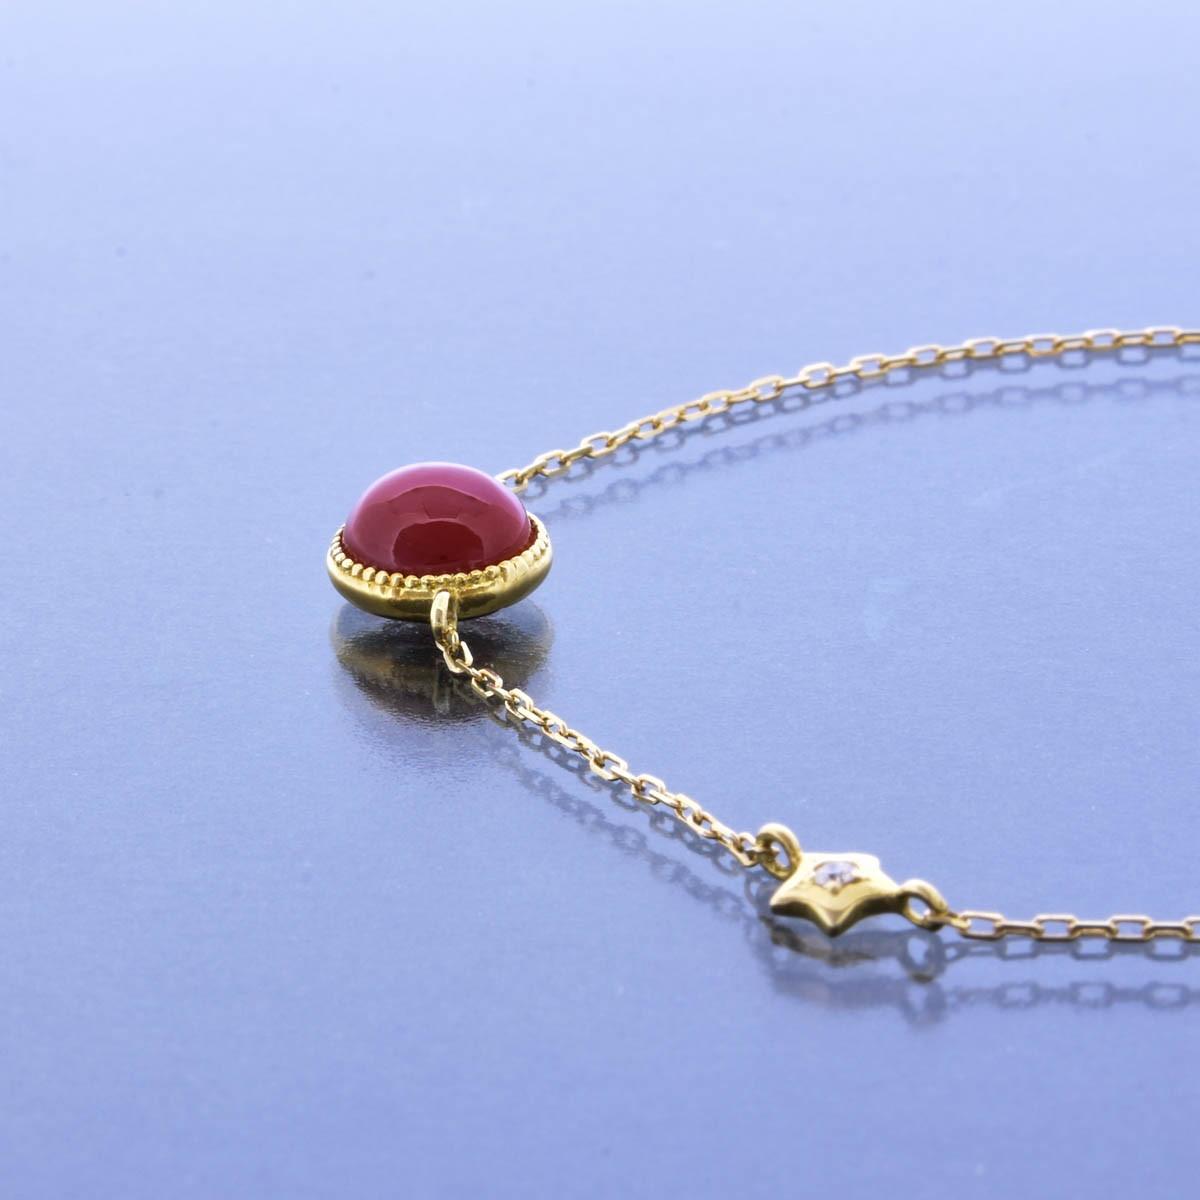 K18YG 赤珊瑚 ブレスレット 星座 モチーフ 双子座 ふたご座